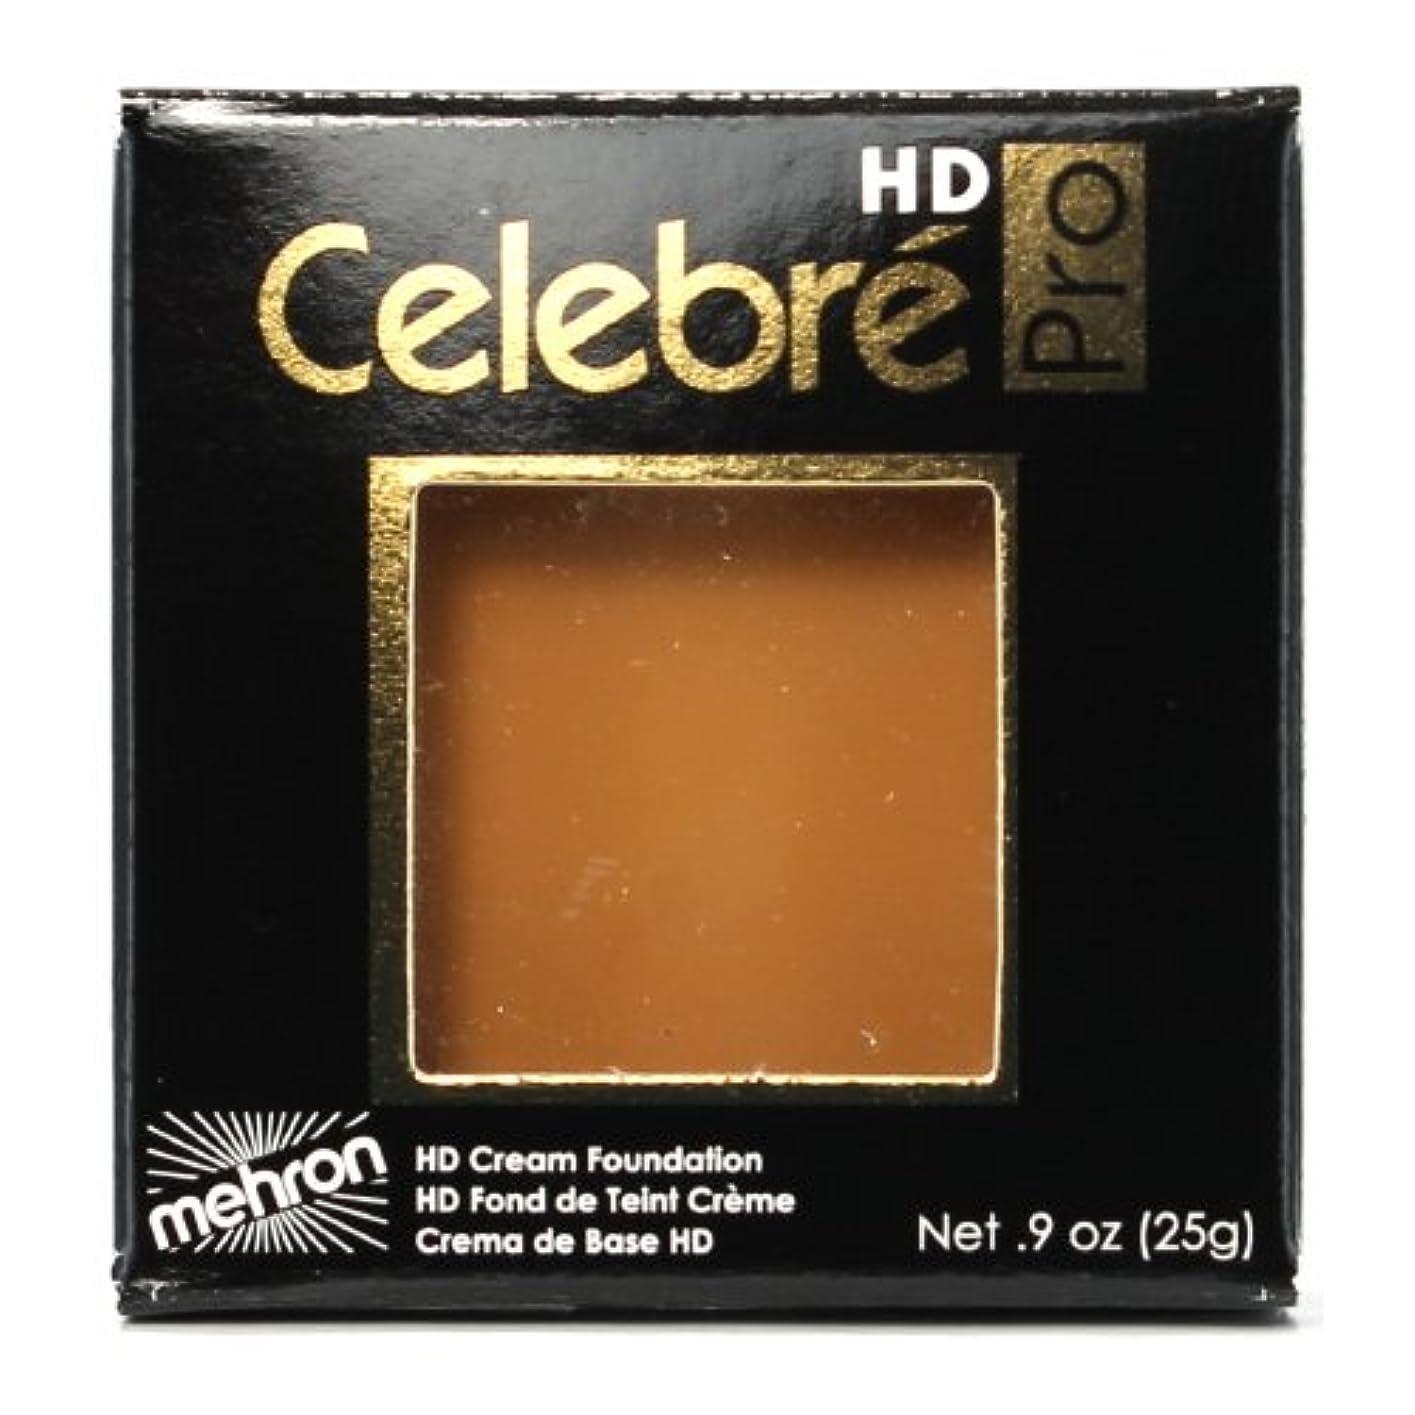 ズボン調子オーストラリア(3 Pack) mehron Celebre Pro HD Make-Up - Medium/Dark 1 (並行輸入品)